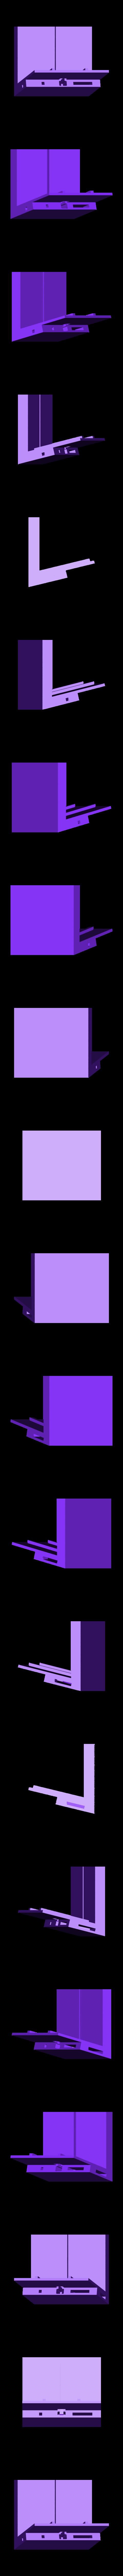 iPhone_6_Plus_dock_case.stl Télécharger fichier STL gratuit Support élégant pour iPhone 6 (Plus) • Objet à imprimer en 3D, B2TM